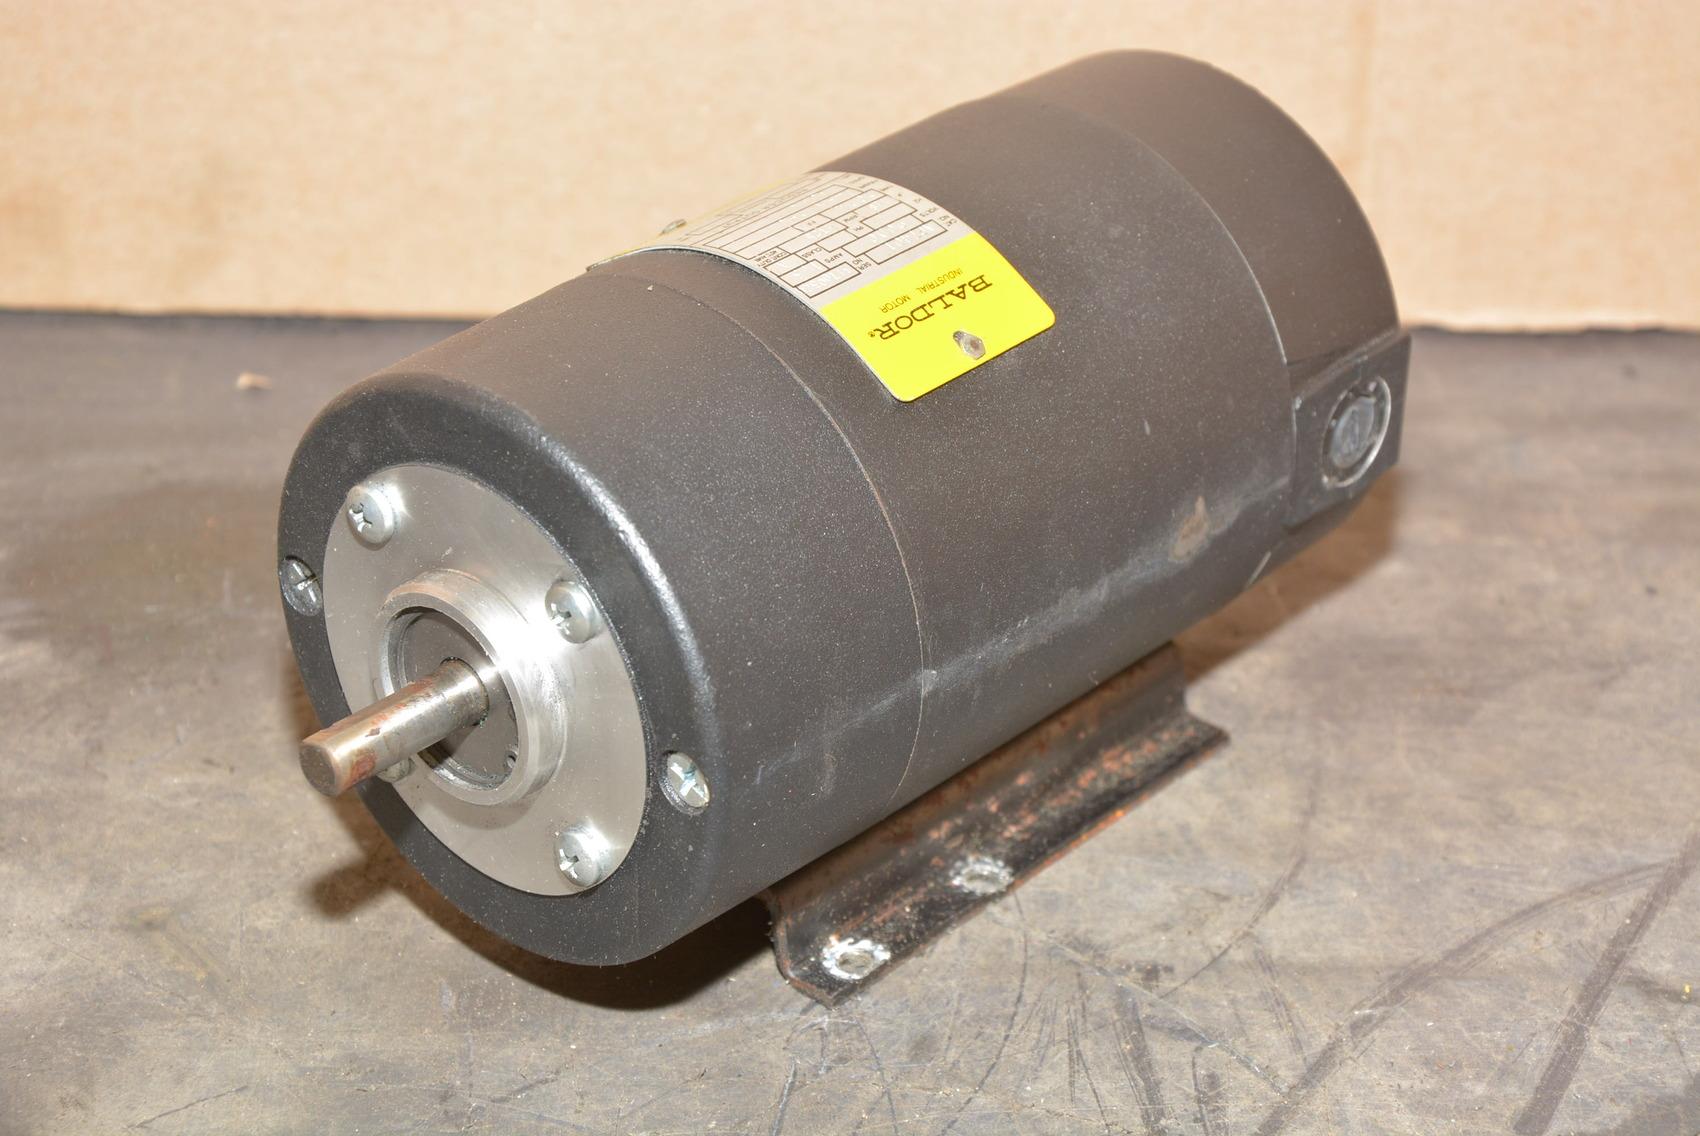 Baldor ap7401 dc motor 1 8 hp dayton single phase v s for Baldor single phase motor